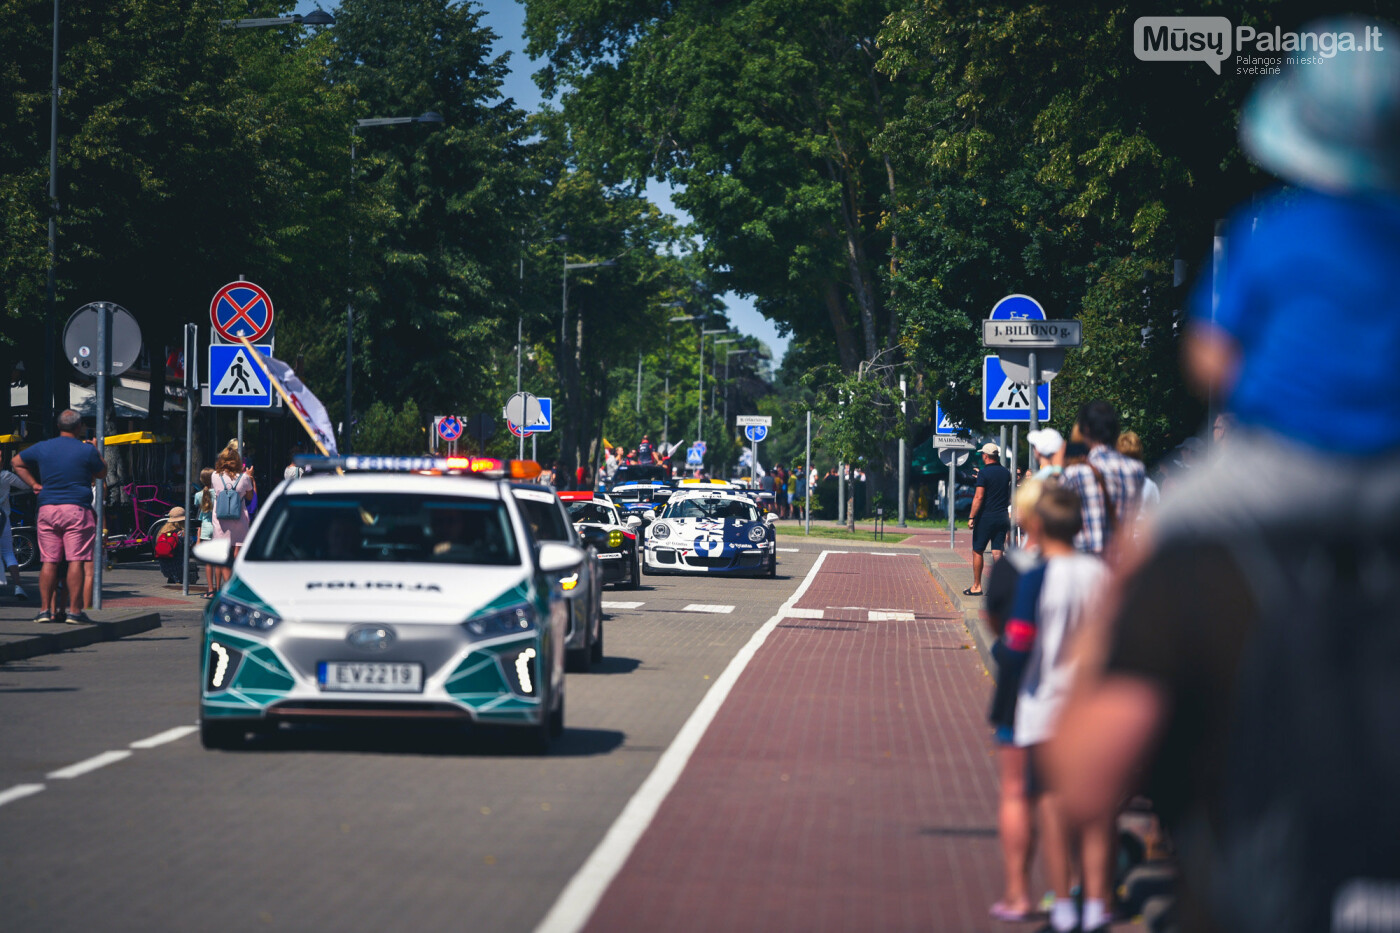 """Palanga alsuoja """"Aurum 1006 km lenktynių"""" ritmu, nuotrauka-36, Vytauto PILKAUSKO ir Arno STRUMILOS nuotr."""